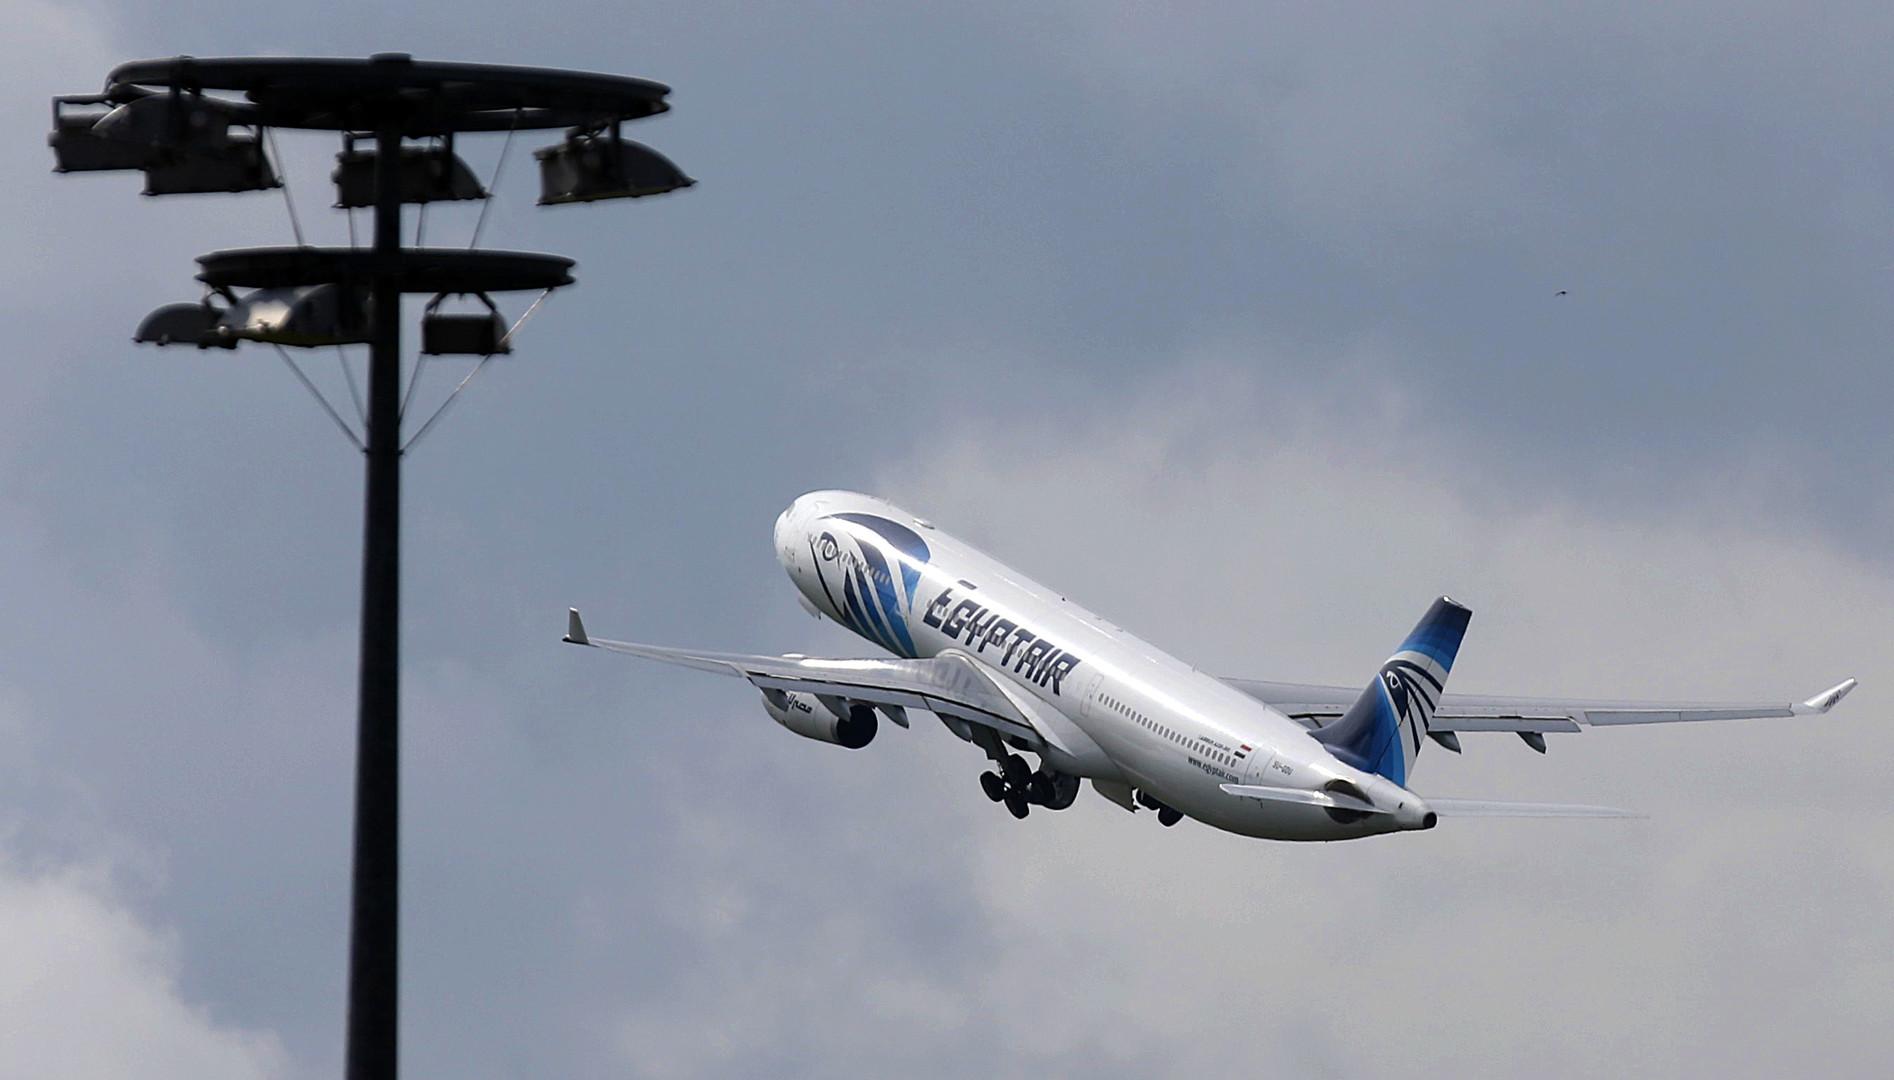 Le Figaro: Пилот потерпевшего крушение самолёта EgyptAir пытался потушить пожар на борту